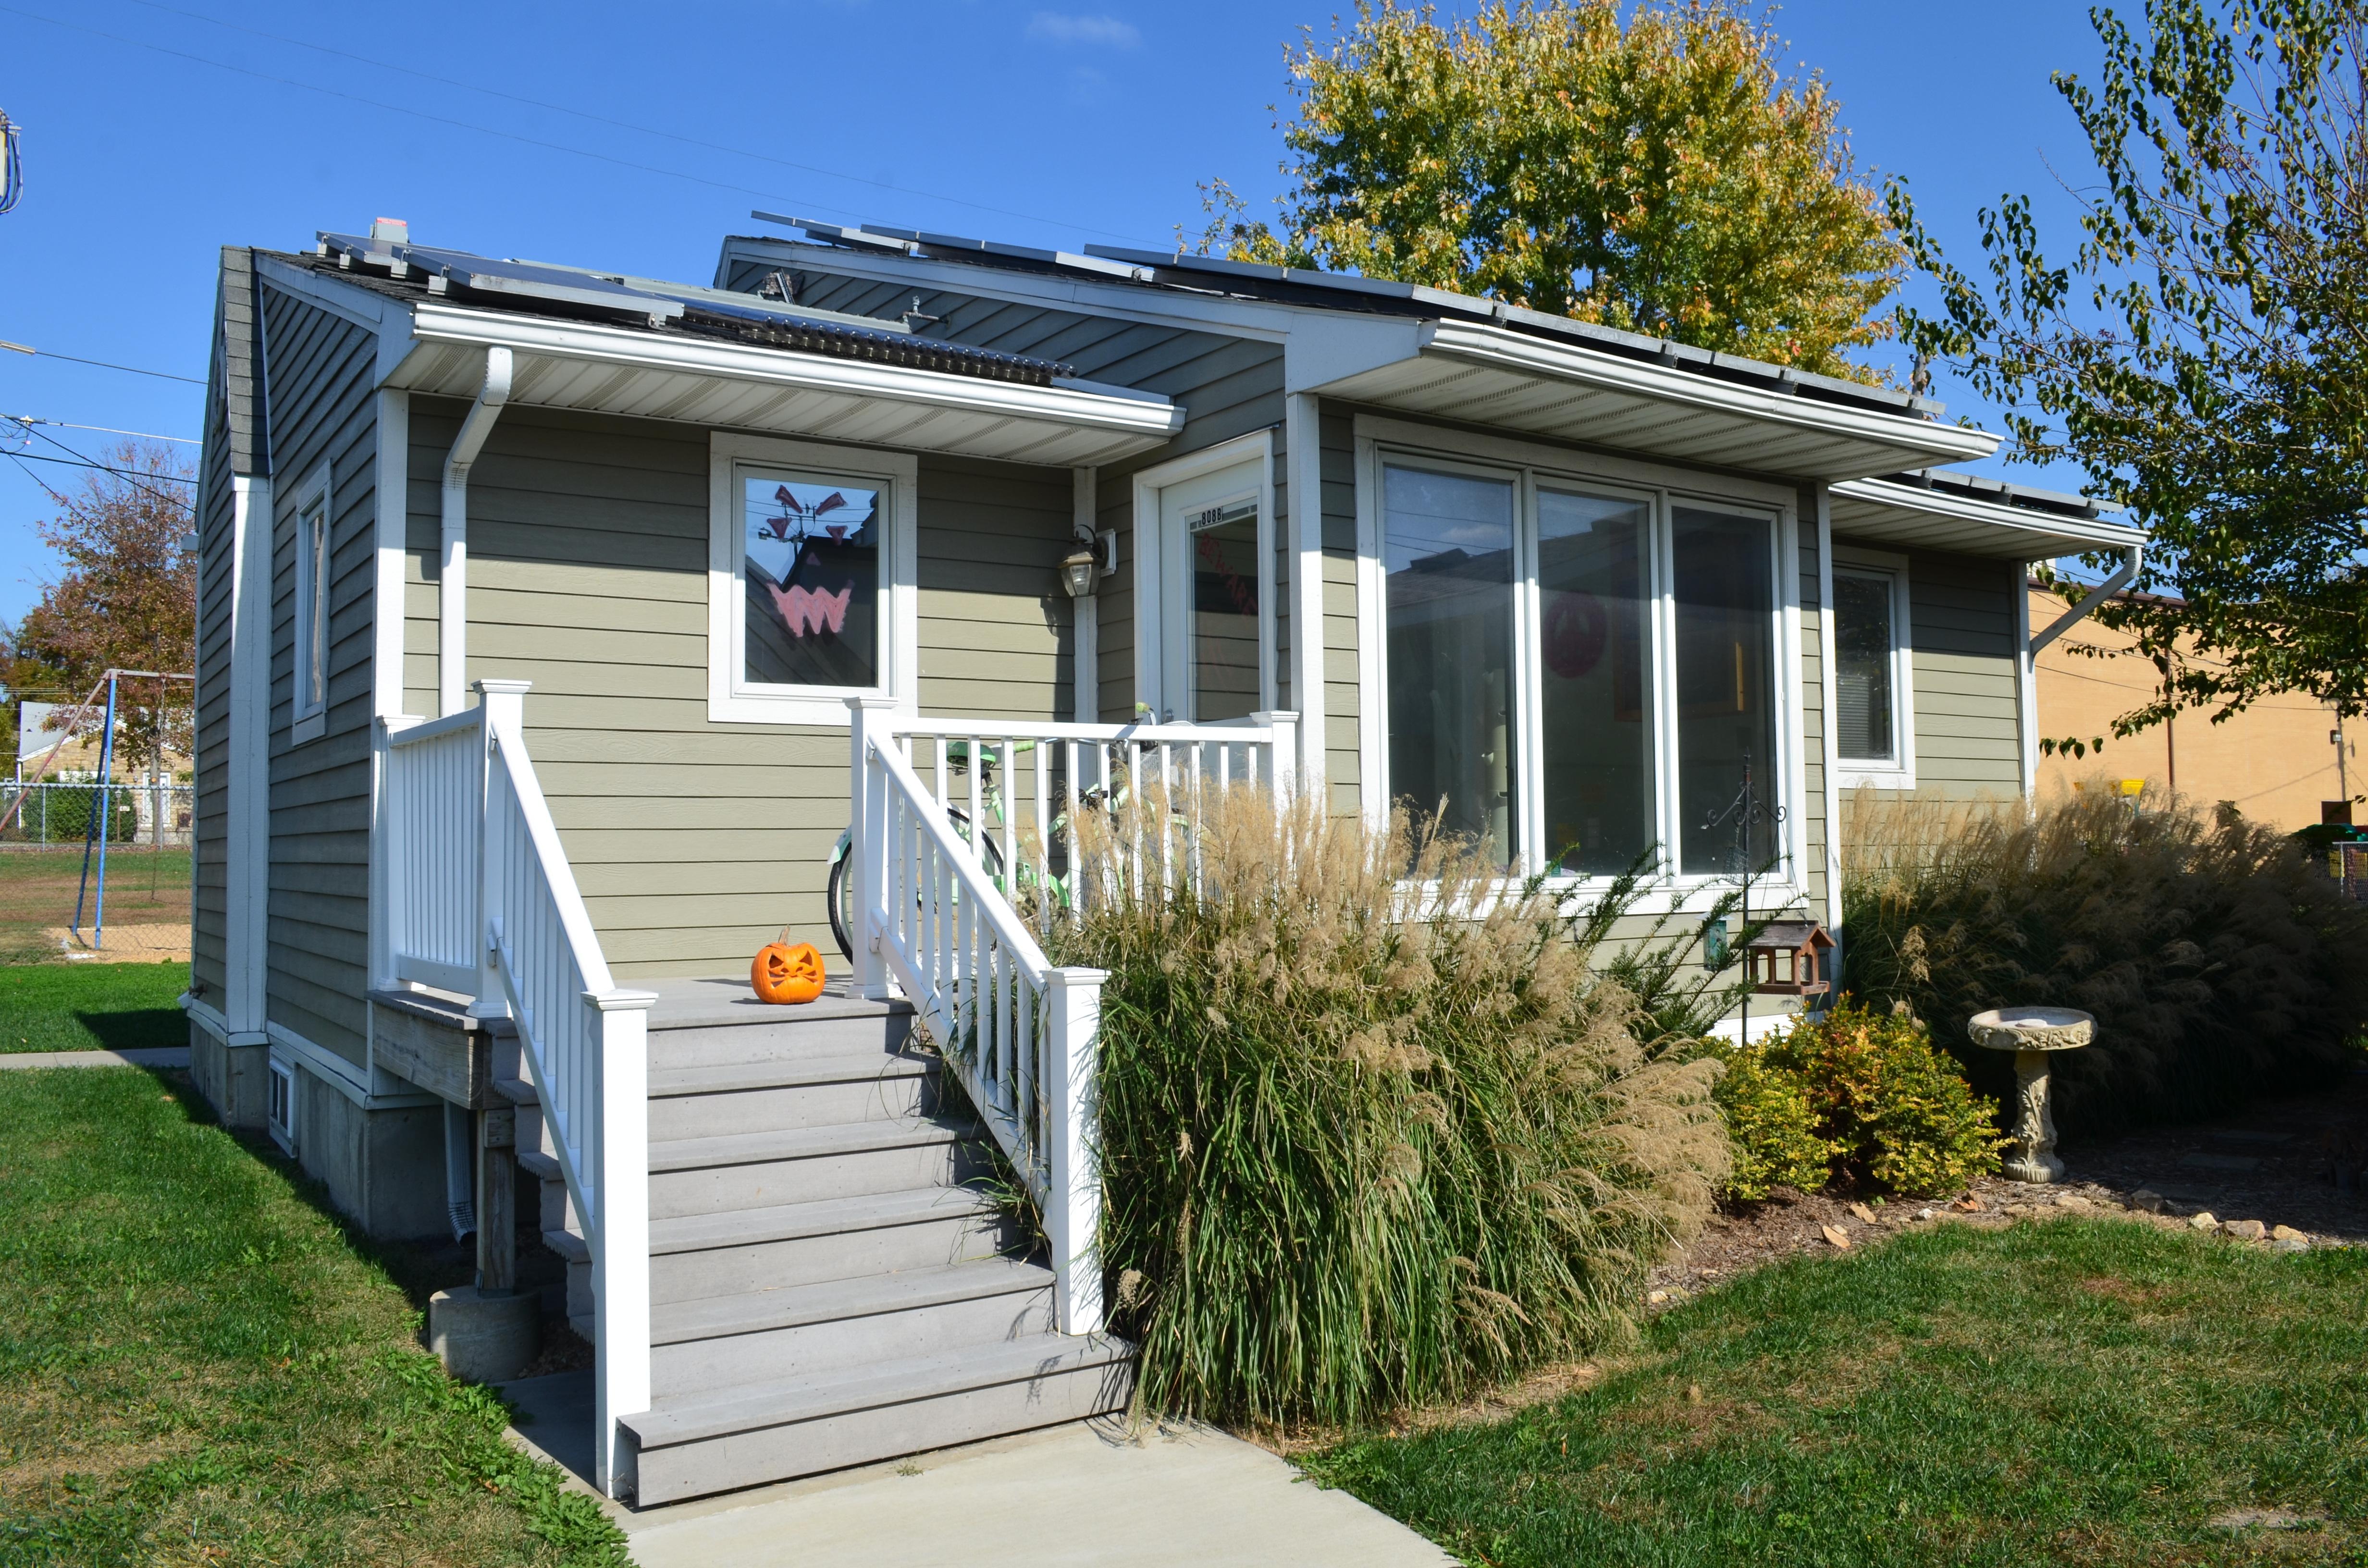 2002 Solar House